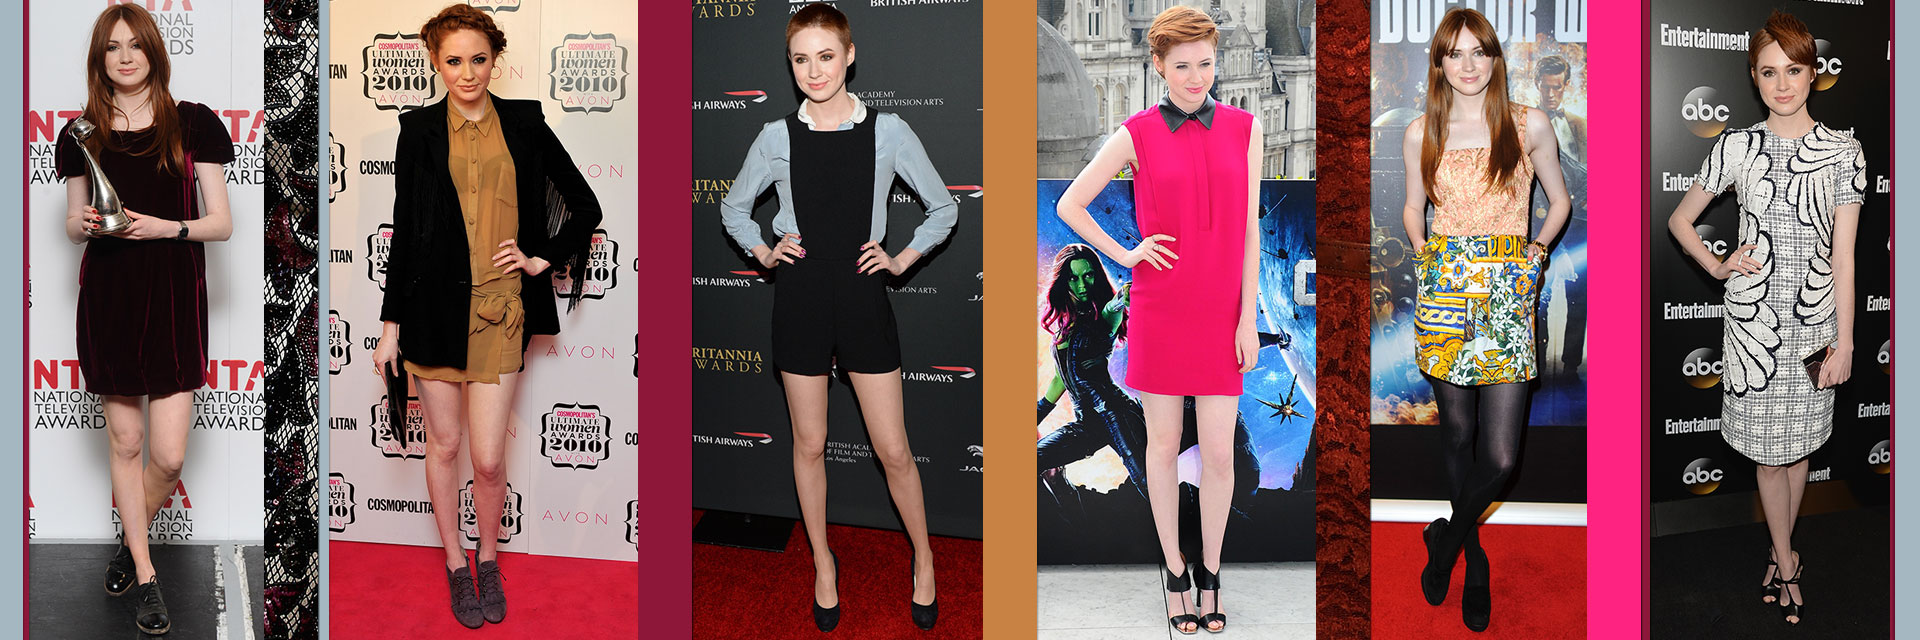 Fashion Paparazzo Karen Gillan Wide